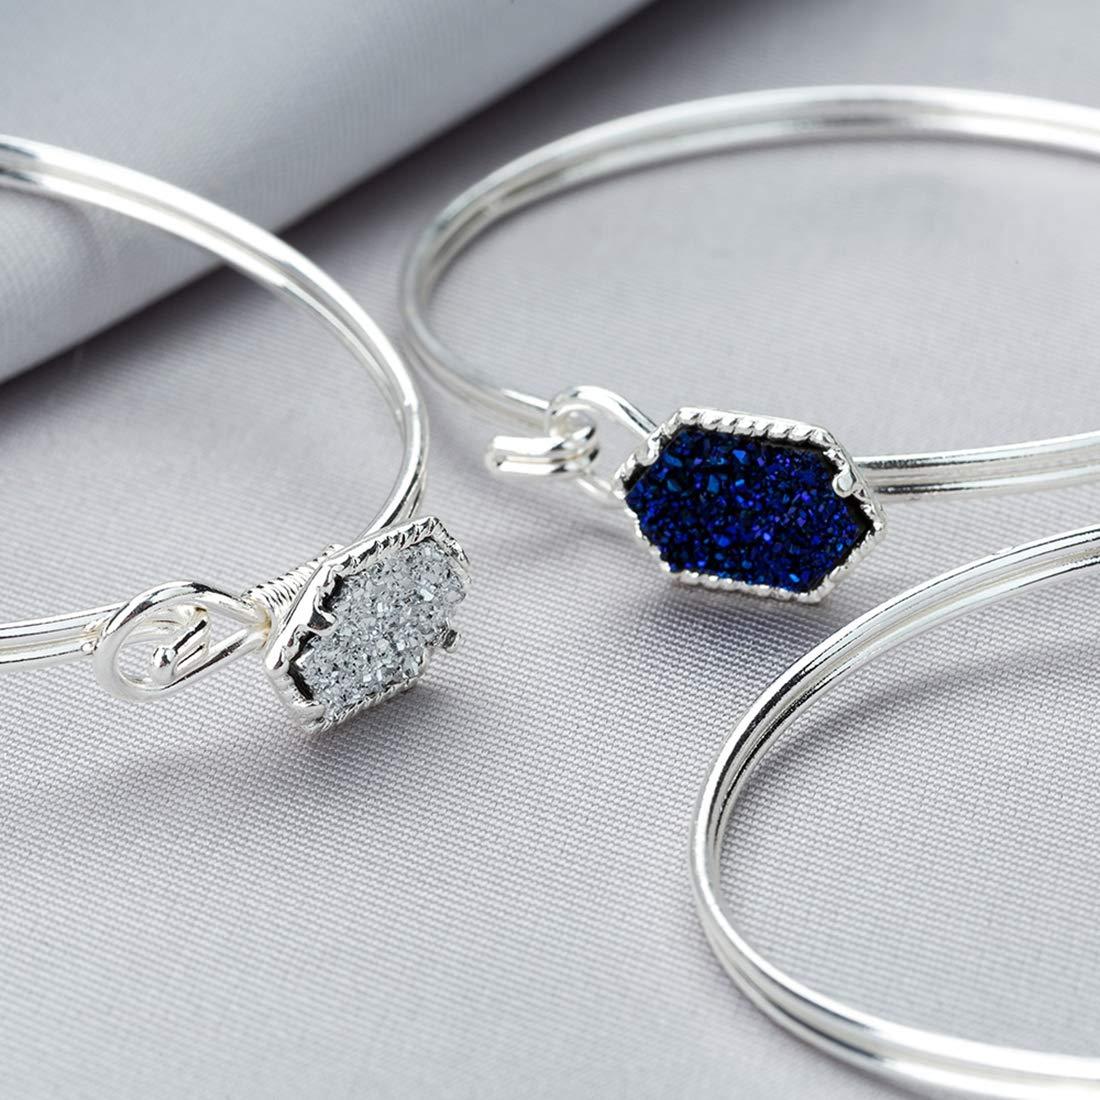 cfcad46169ddc DALARAN Bracelet de Femmes Bracelet de Manchettes Bracelet Extensible  Bracelet de Manchette Argent  Amazon.fr  Bijoux